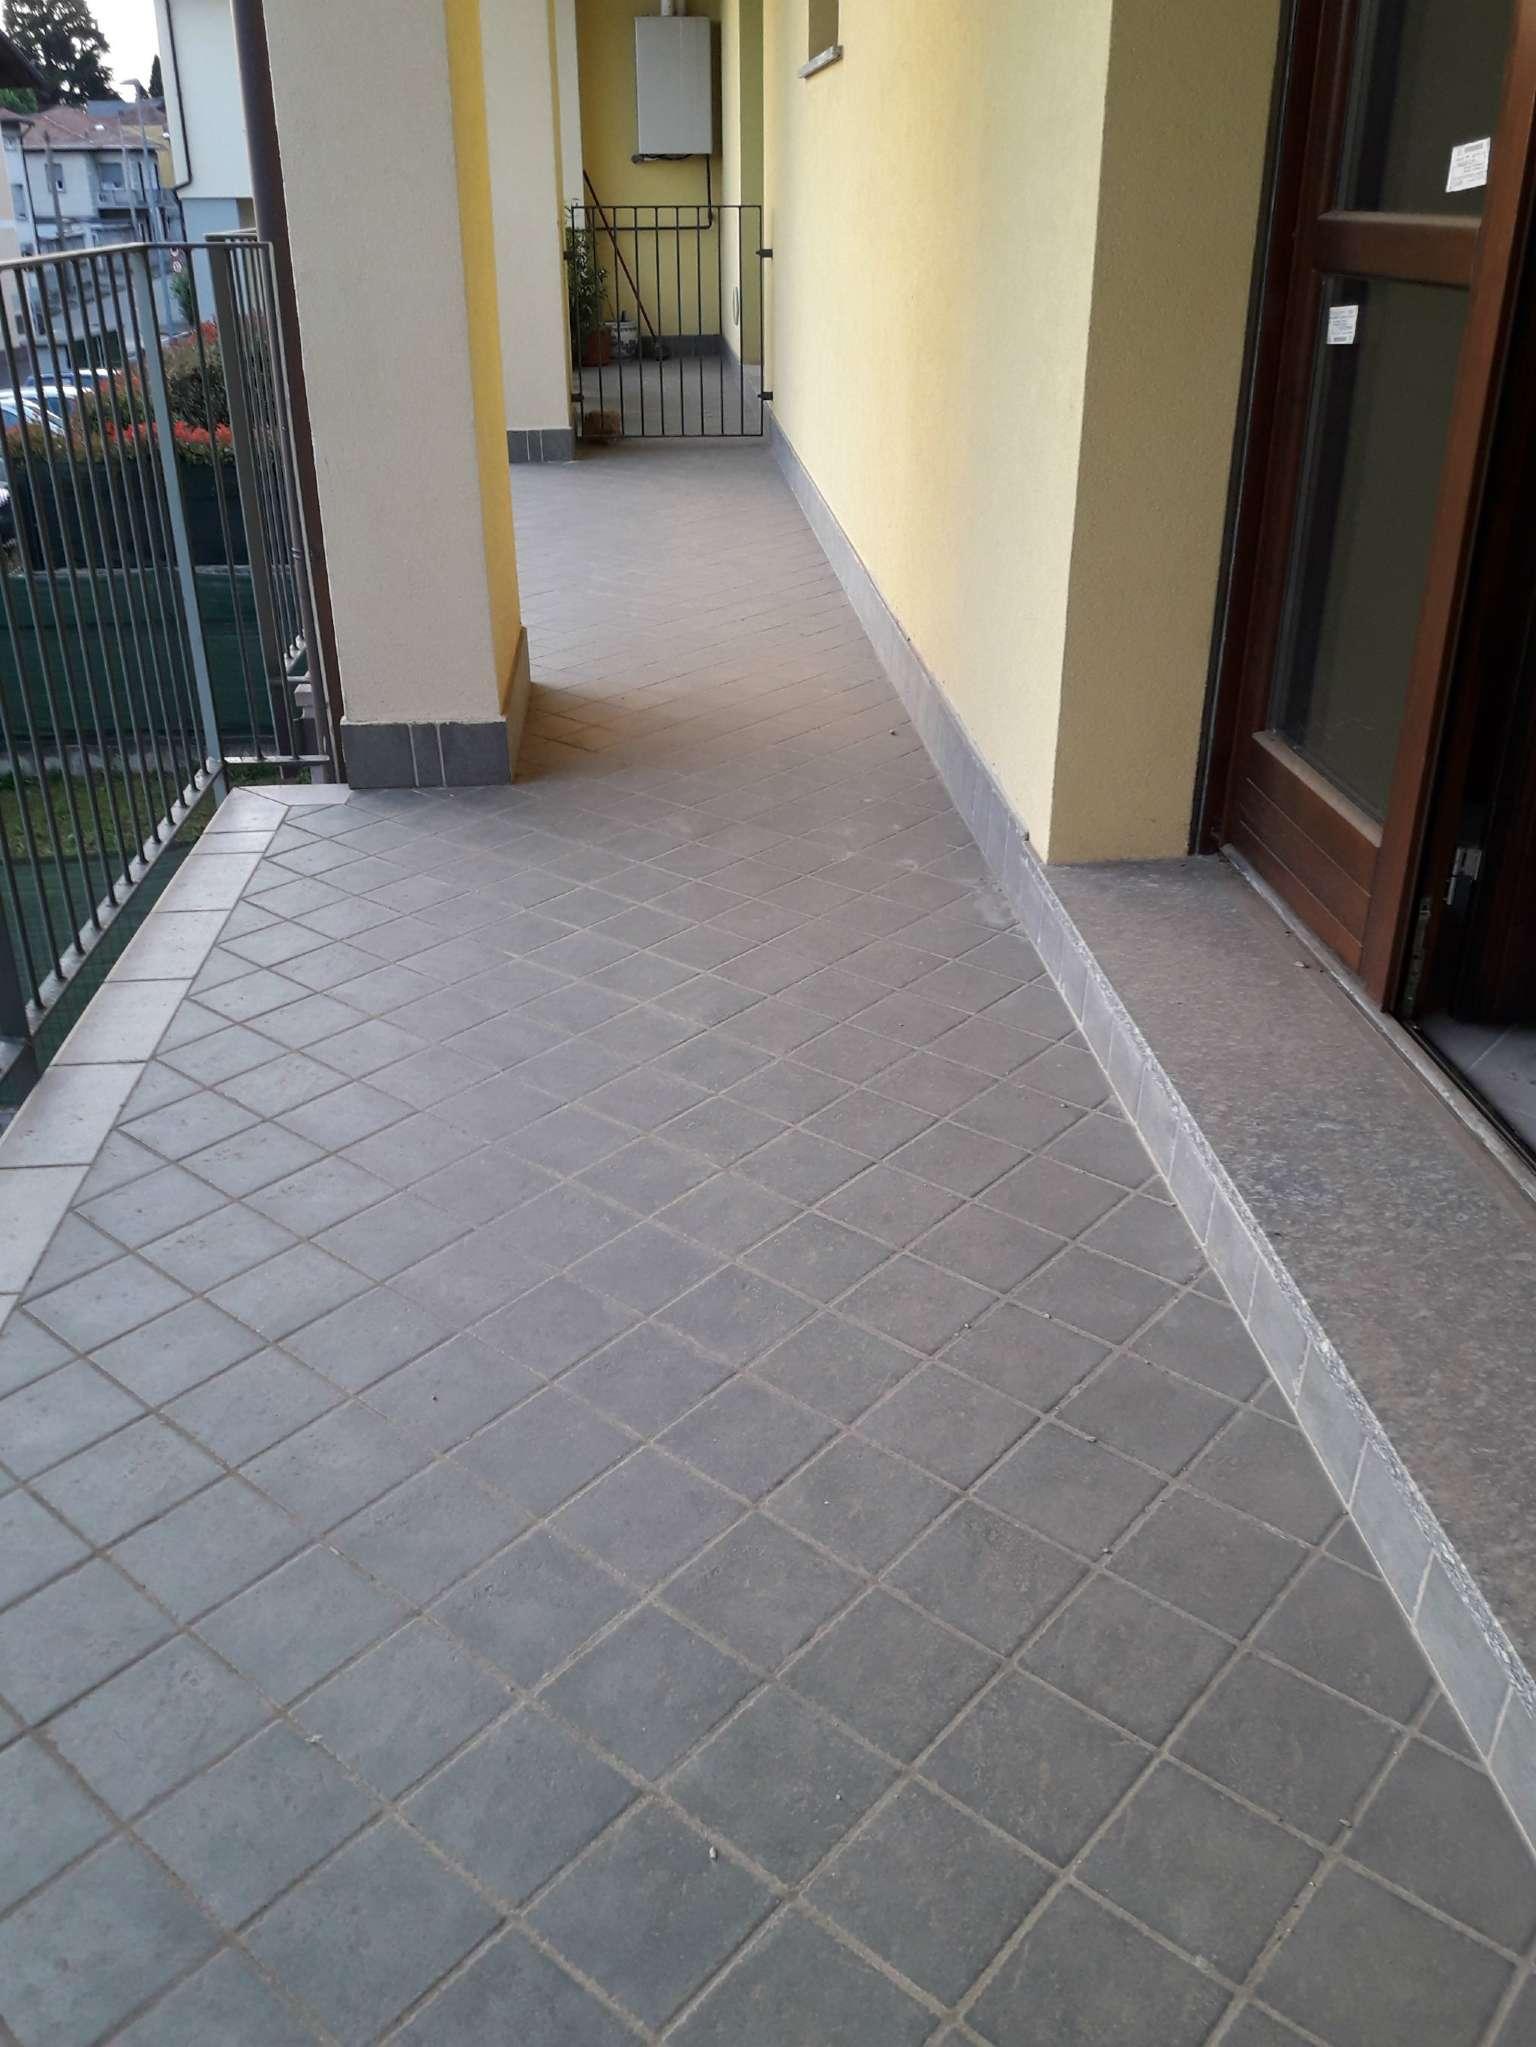 Appartamento in vendita a Solbiate Olona, 2 locali, prezzo € 83.700 | CambioCasa.it